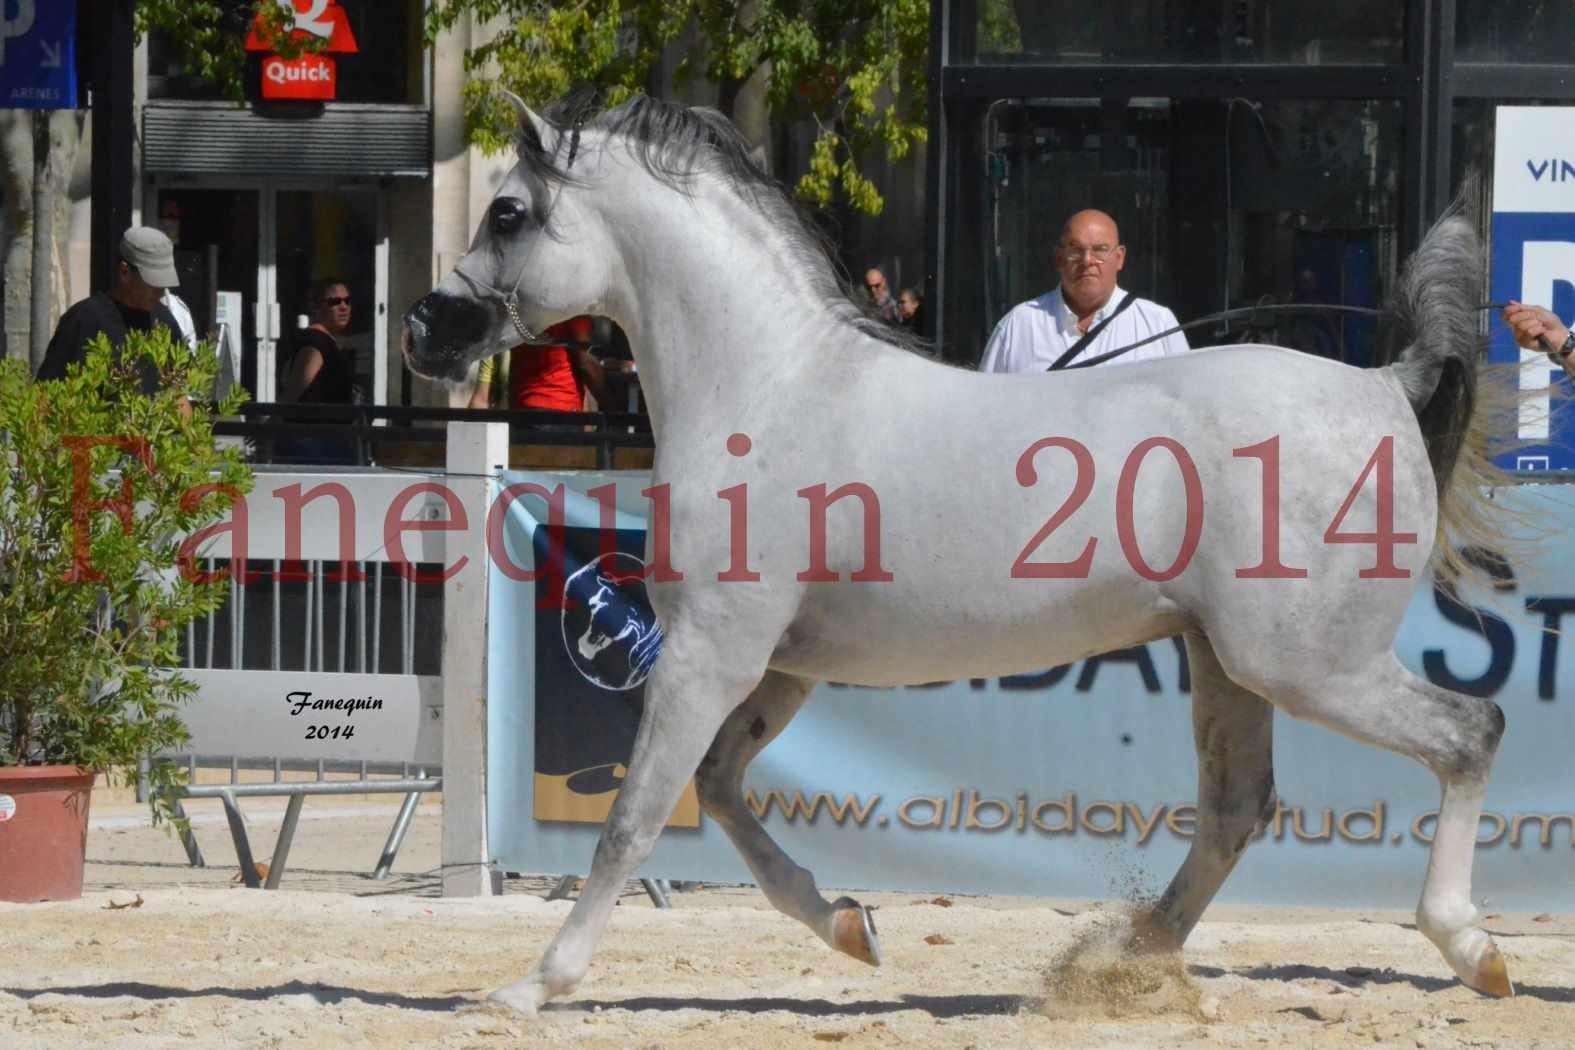 Concours National de Nîmes de chevaux ARABES 2014 - Notre Sélection - SHAOLIN DE NEDJAIA - 18